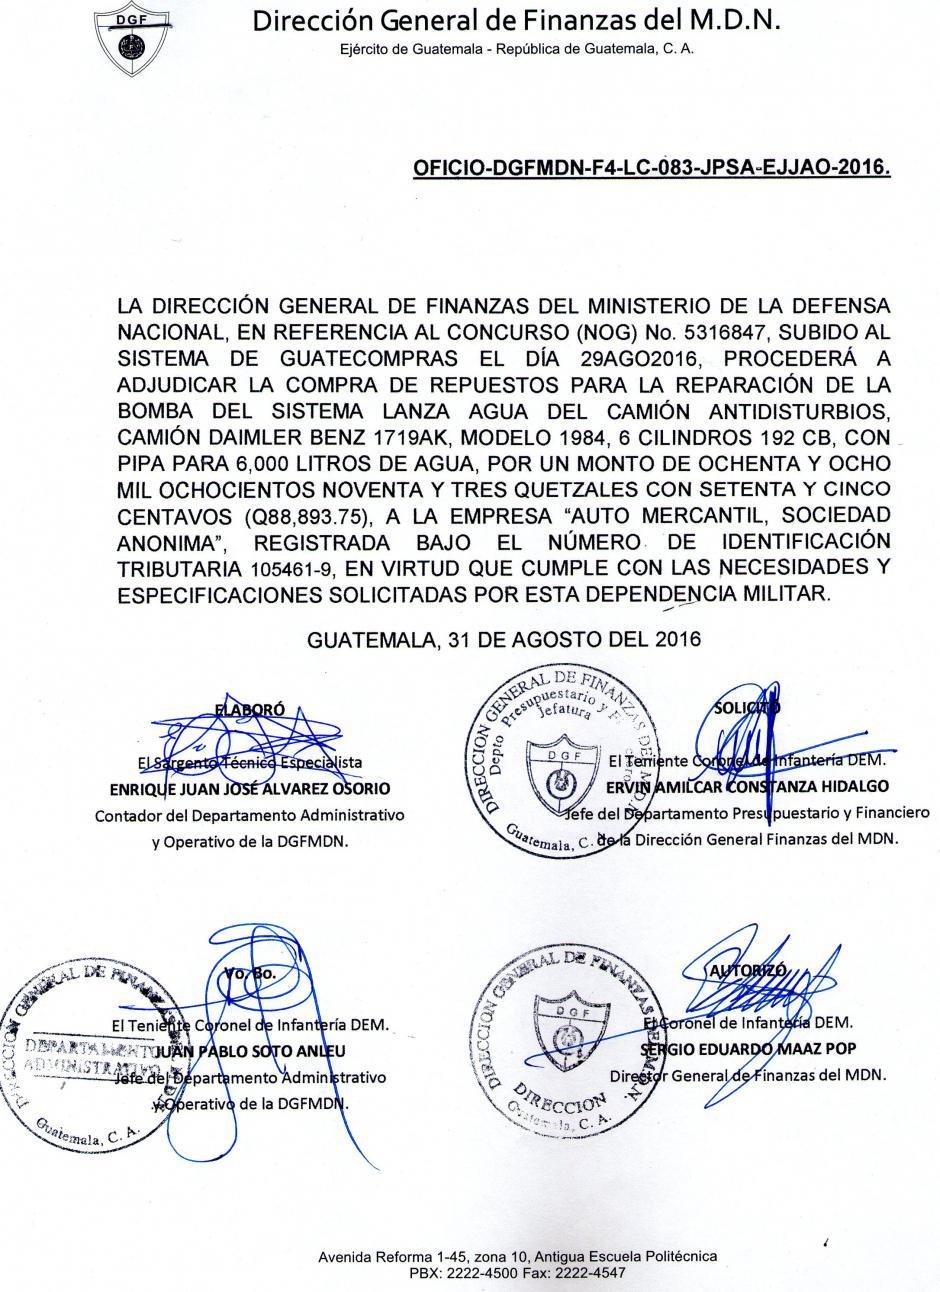 No se especifica ningún requisito para el proveedor. (Foto: Guatecompras)